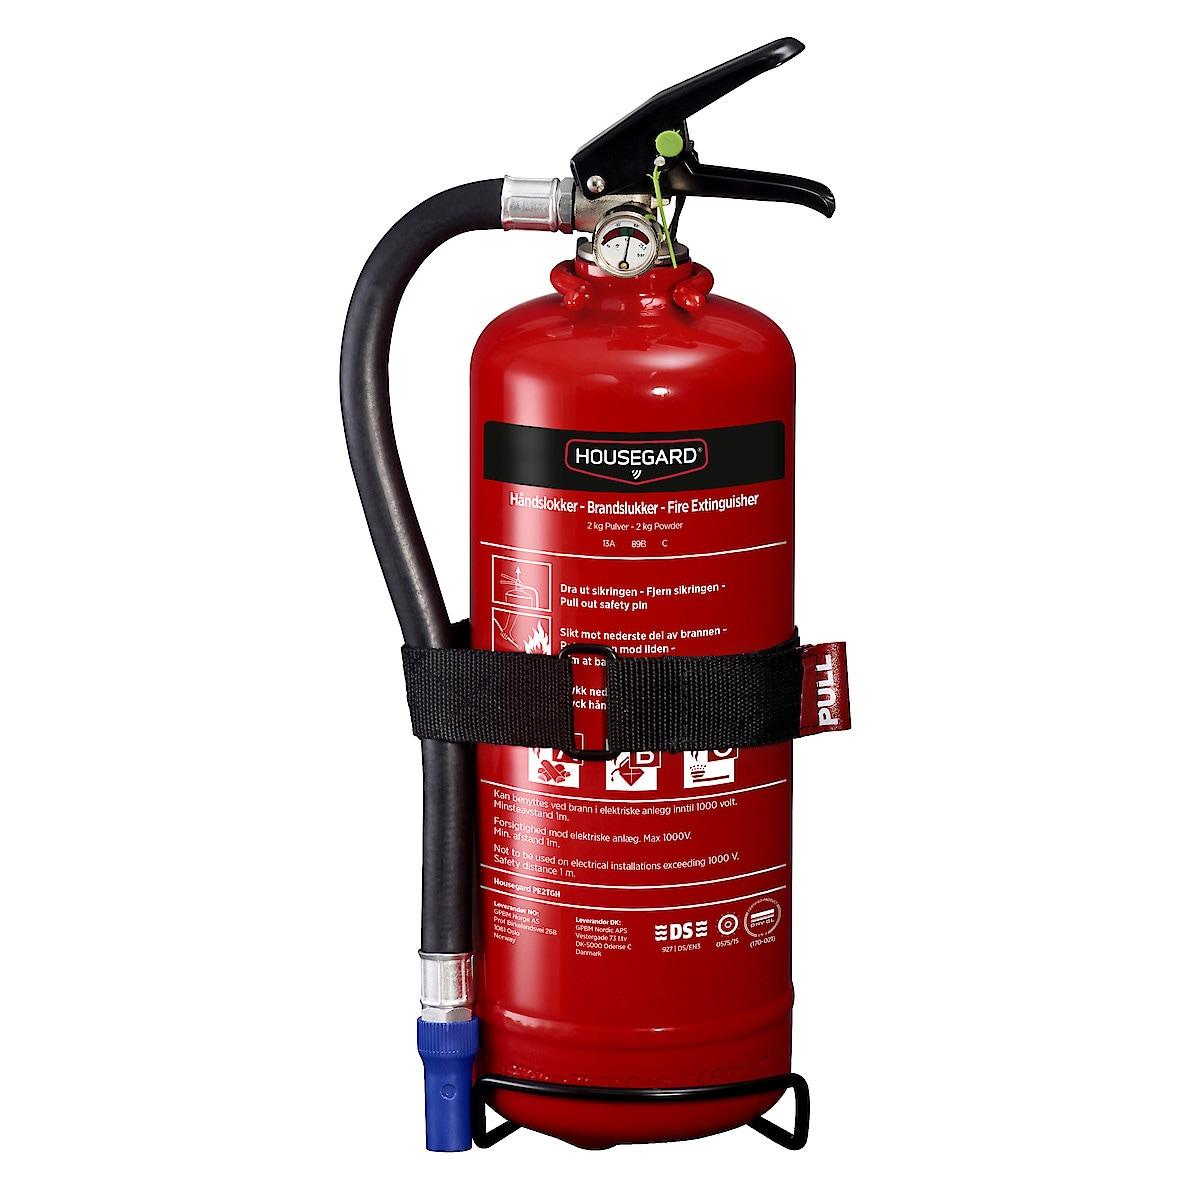 Housegard brannslukker 2 kg